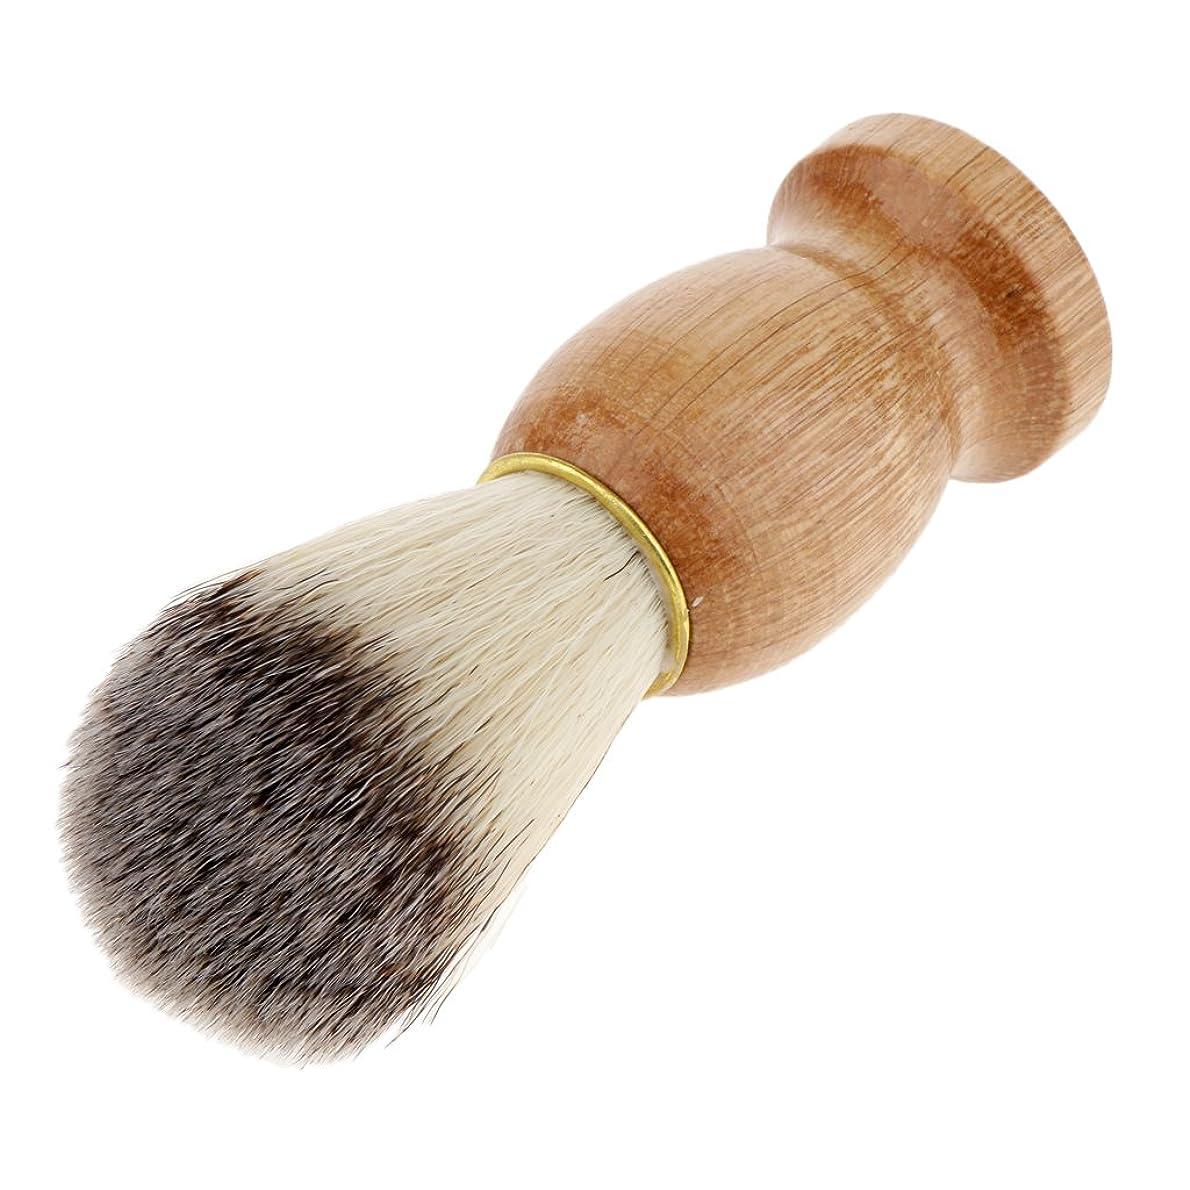 有料コンクリート毛布Blesiya シェービングブラシ コスメブラシ 木製ハンドル メンズ ひげ剃りブラシ プレゼント